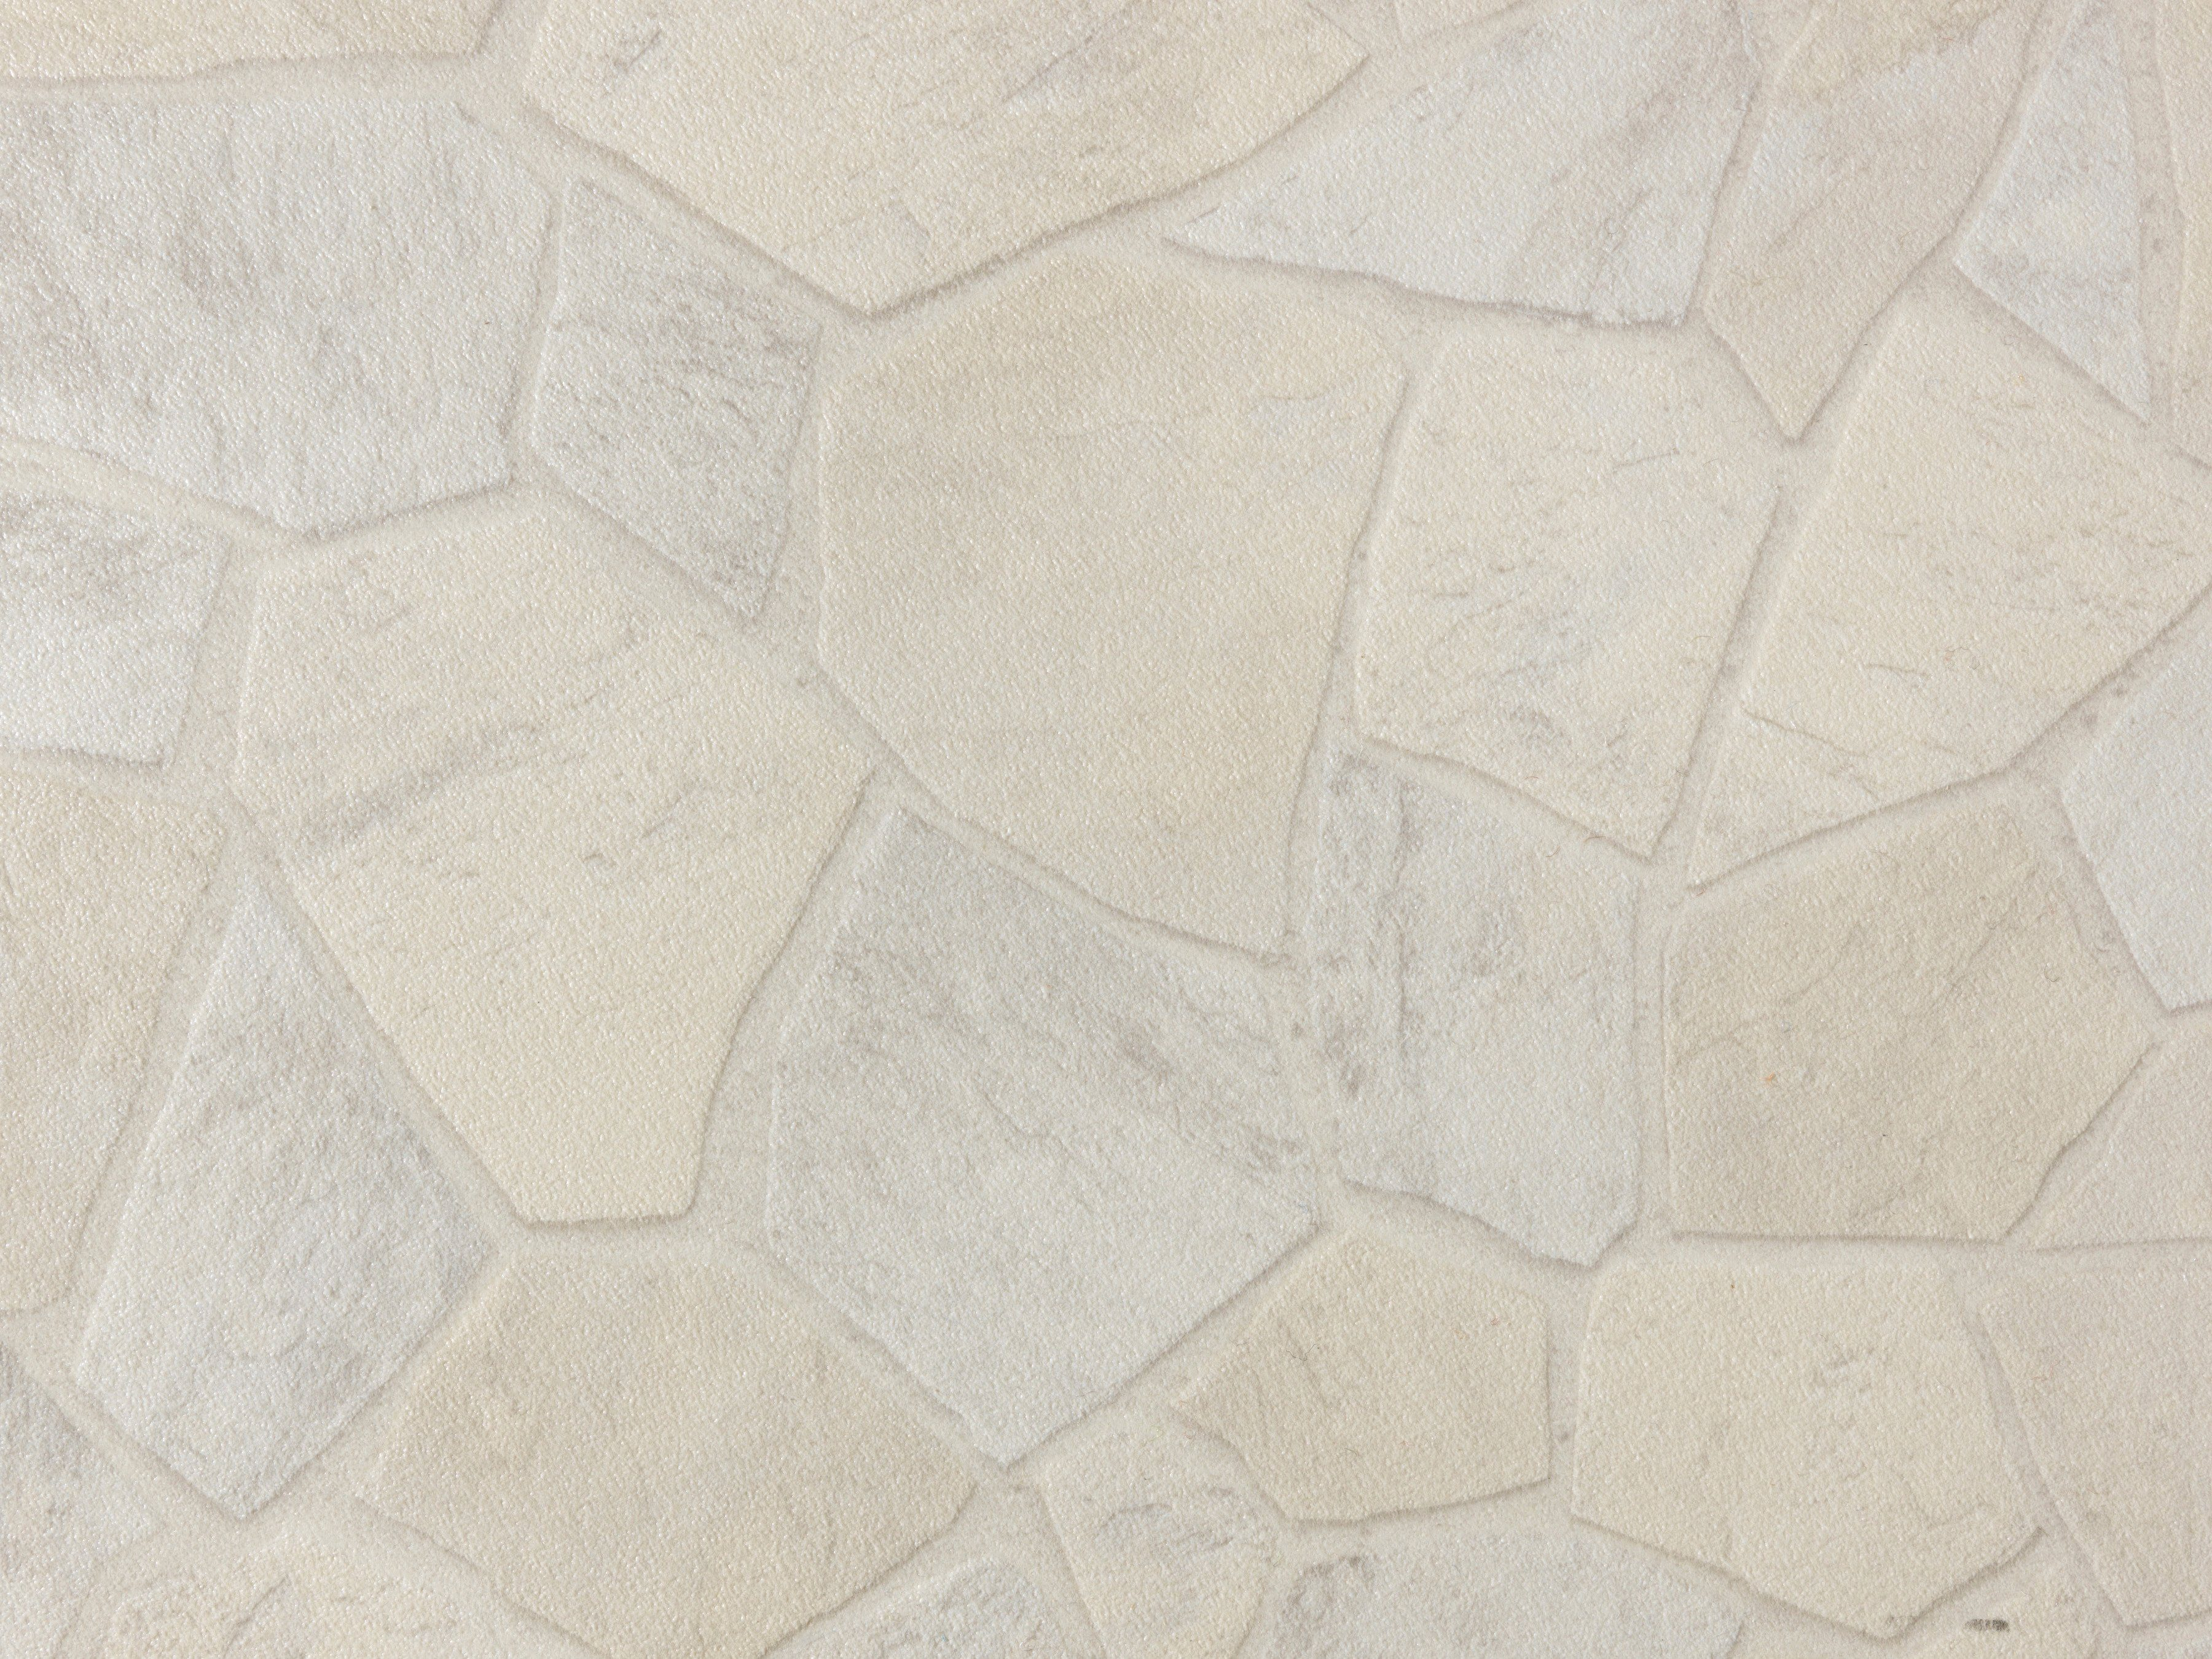 Pvc Fußboden Für Küche ~ Pvc boden vinylboden kaufen vinyl laminat pvc fliesen otto